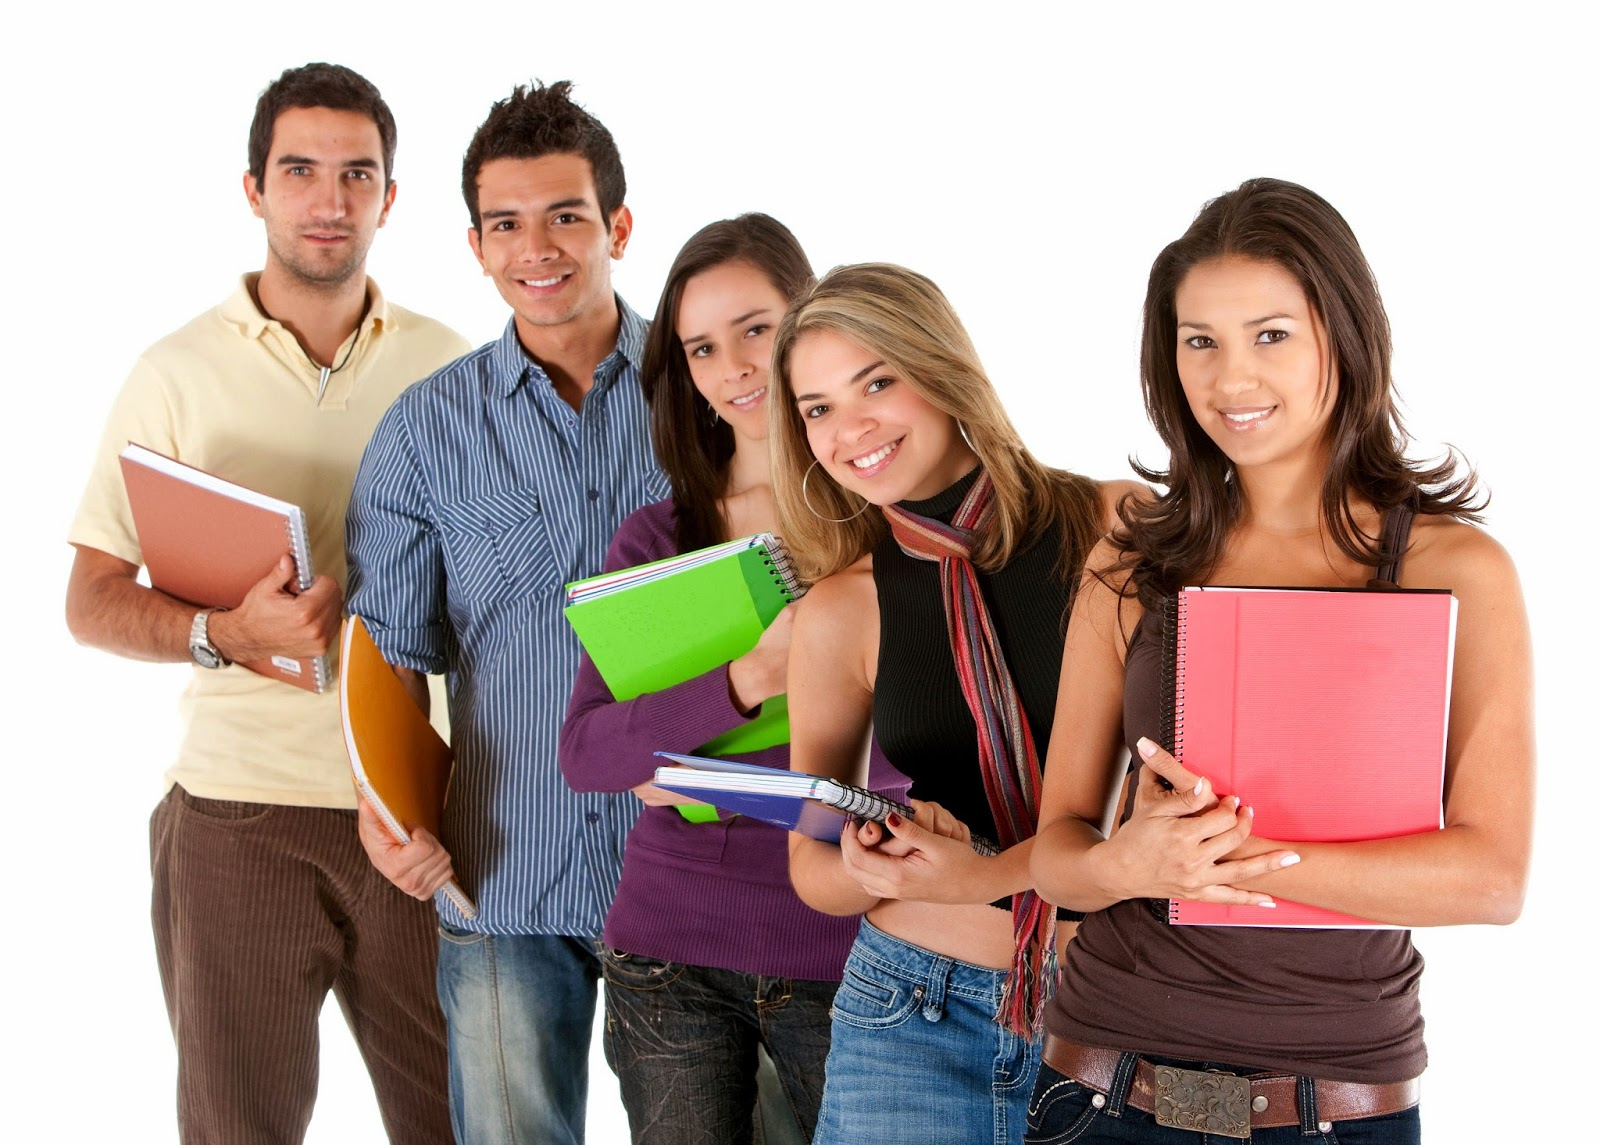 День студента 2 смотреть 15 фотография